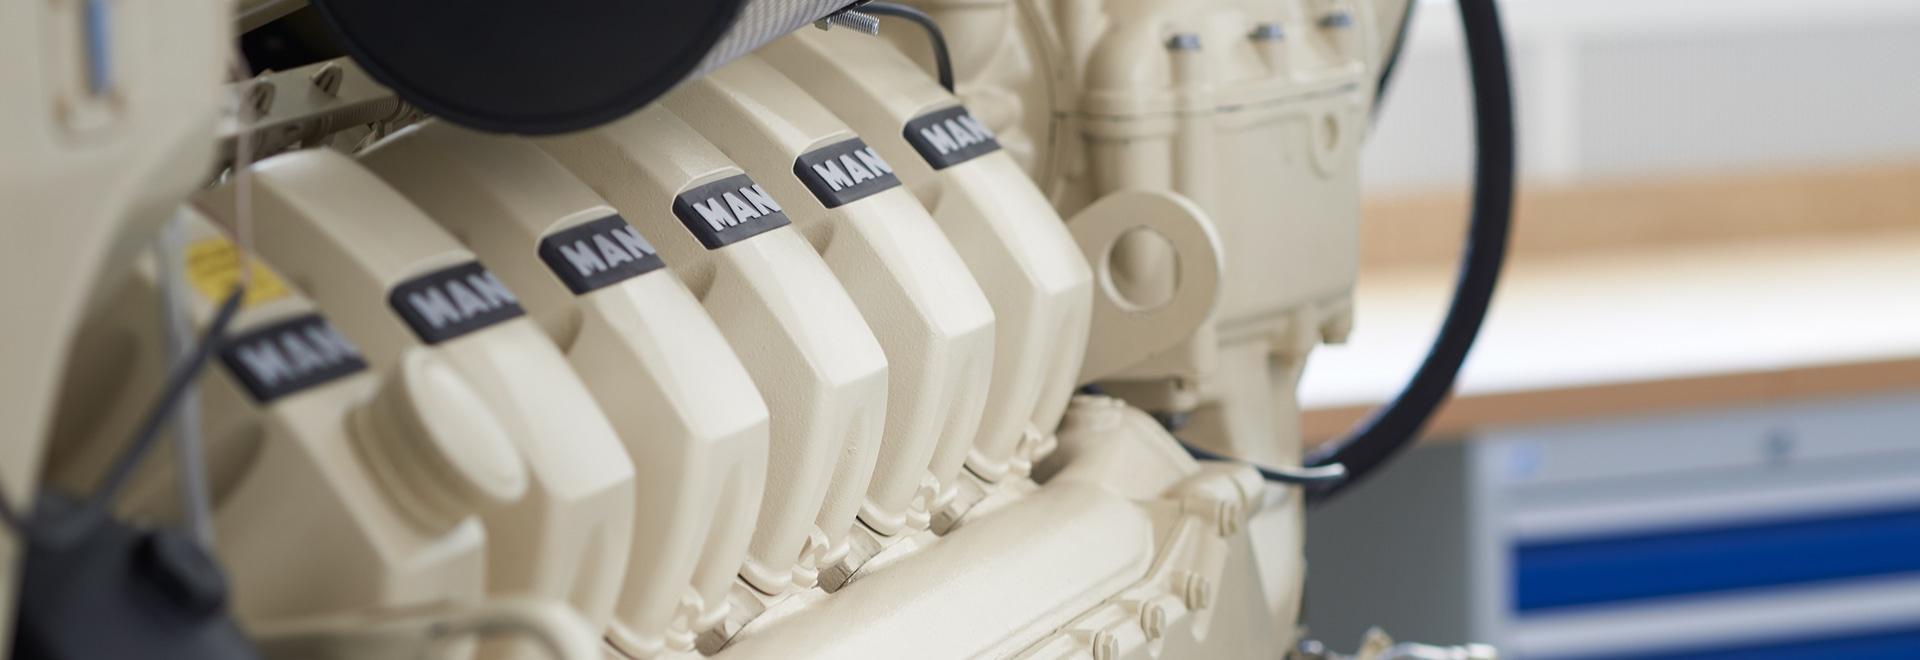 Les moteurs d'HOMME augmente ses ventes et réseau de service pour les moteurs marins en Europe du Nord et en Amérique latine